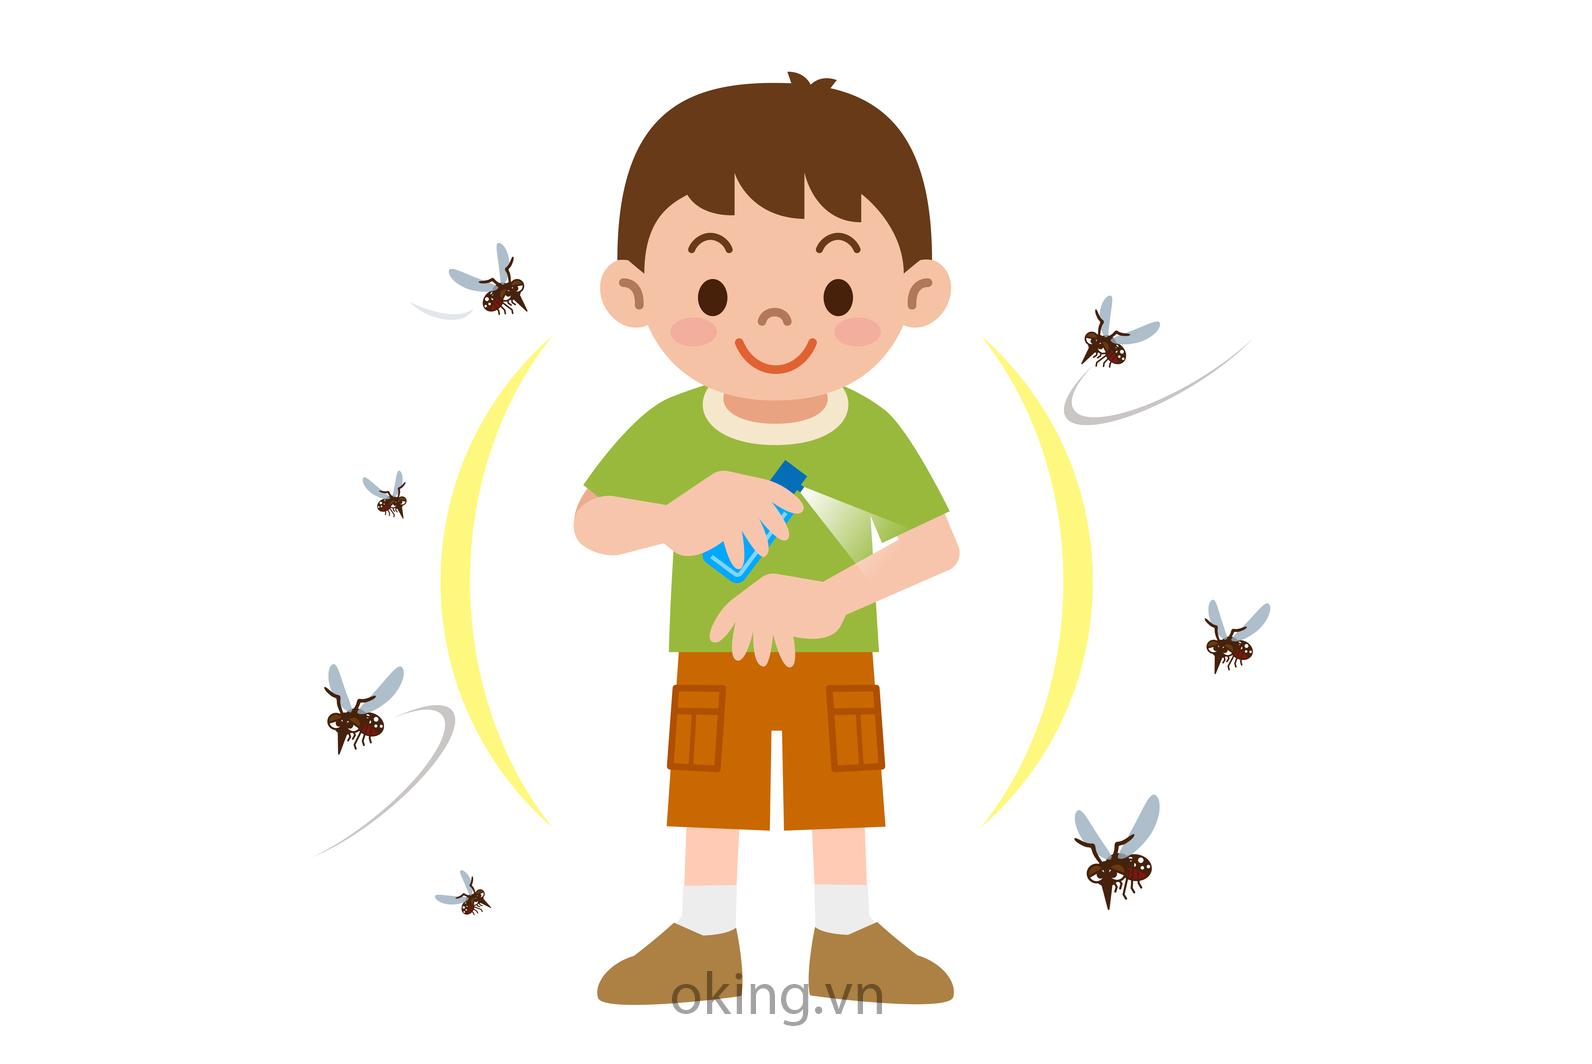 Thuốc xịt côn trùng ảnh hưởng đến sức khỏe con người như thế nào?